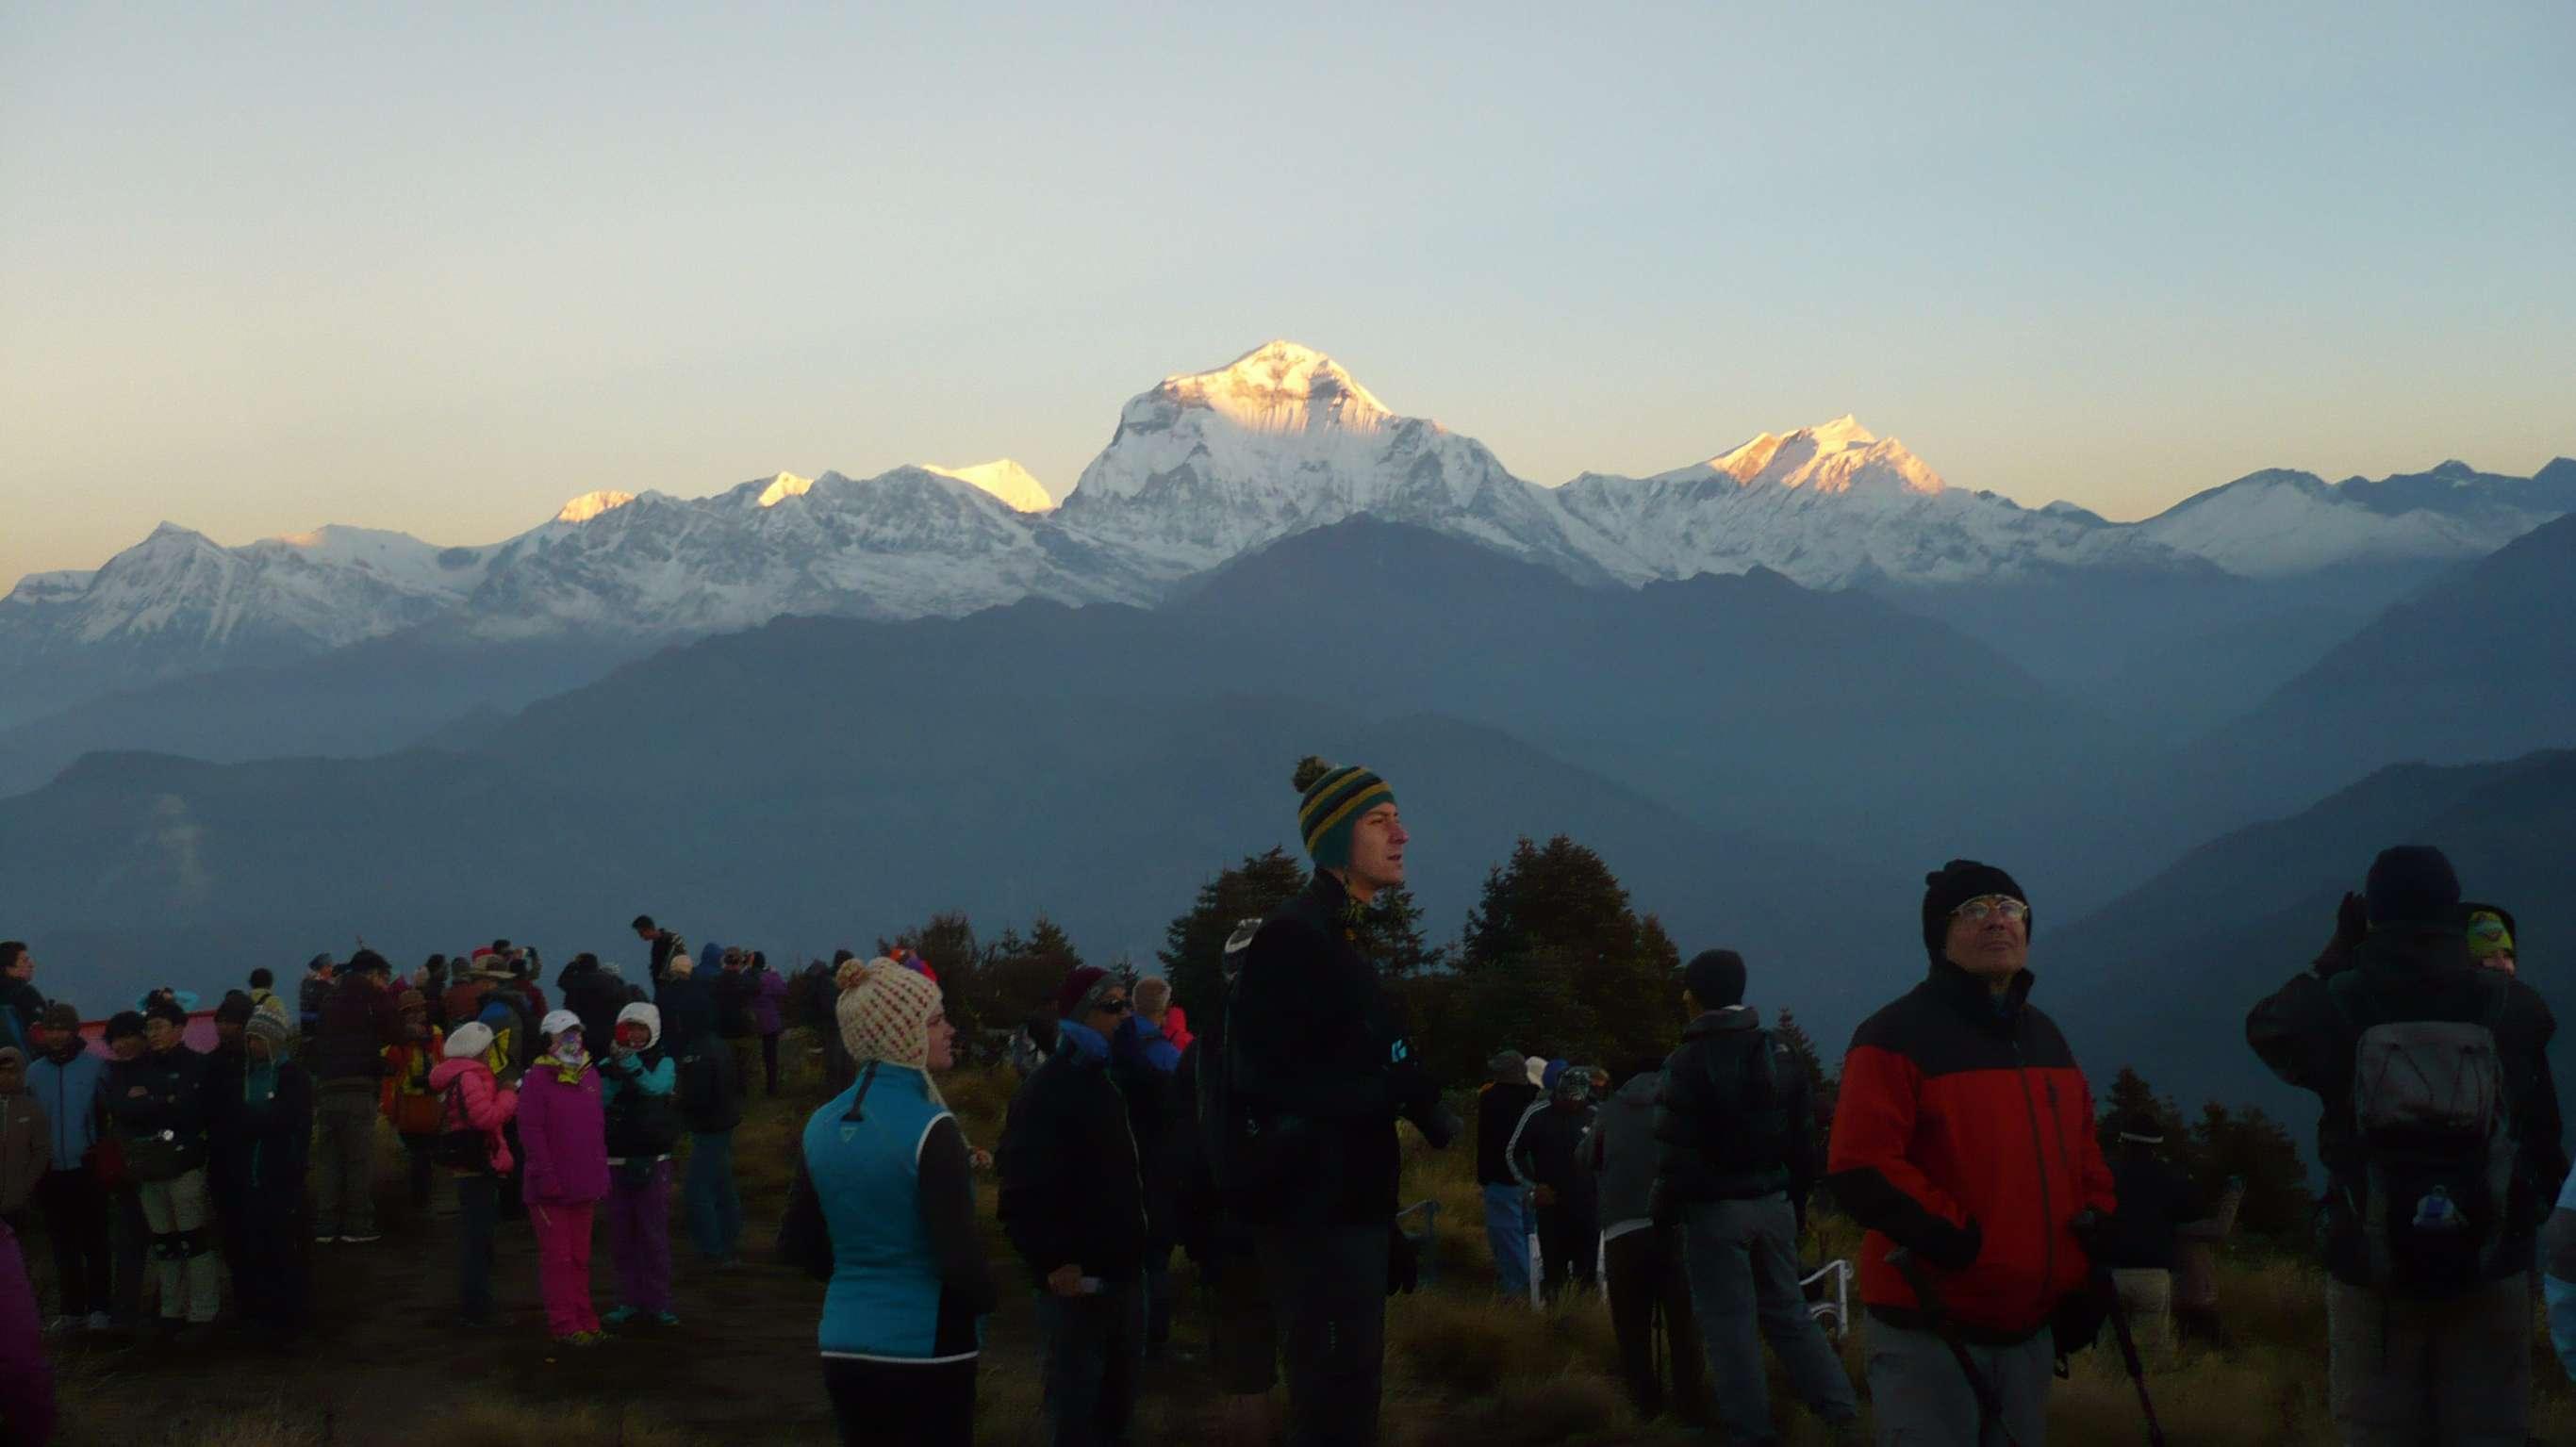 10-Day Ghorepani & Poonhill Trek - Nepal Itinerary